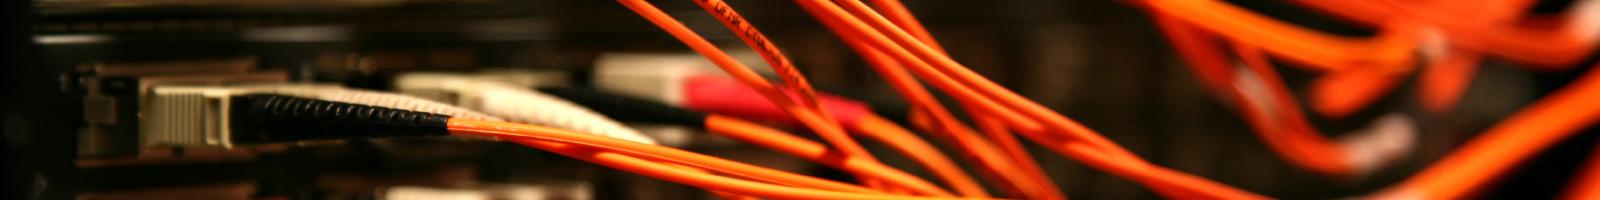 Standard Fibre Patch Cables